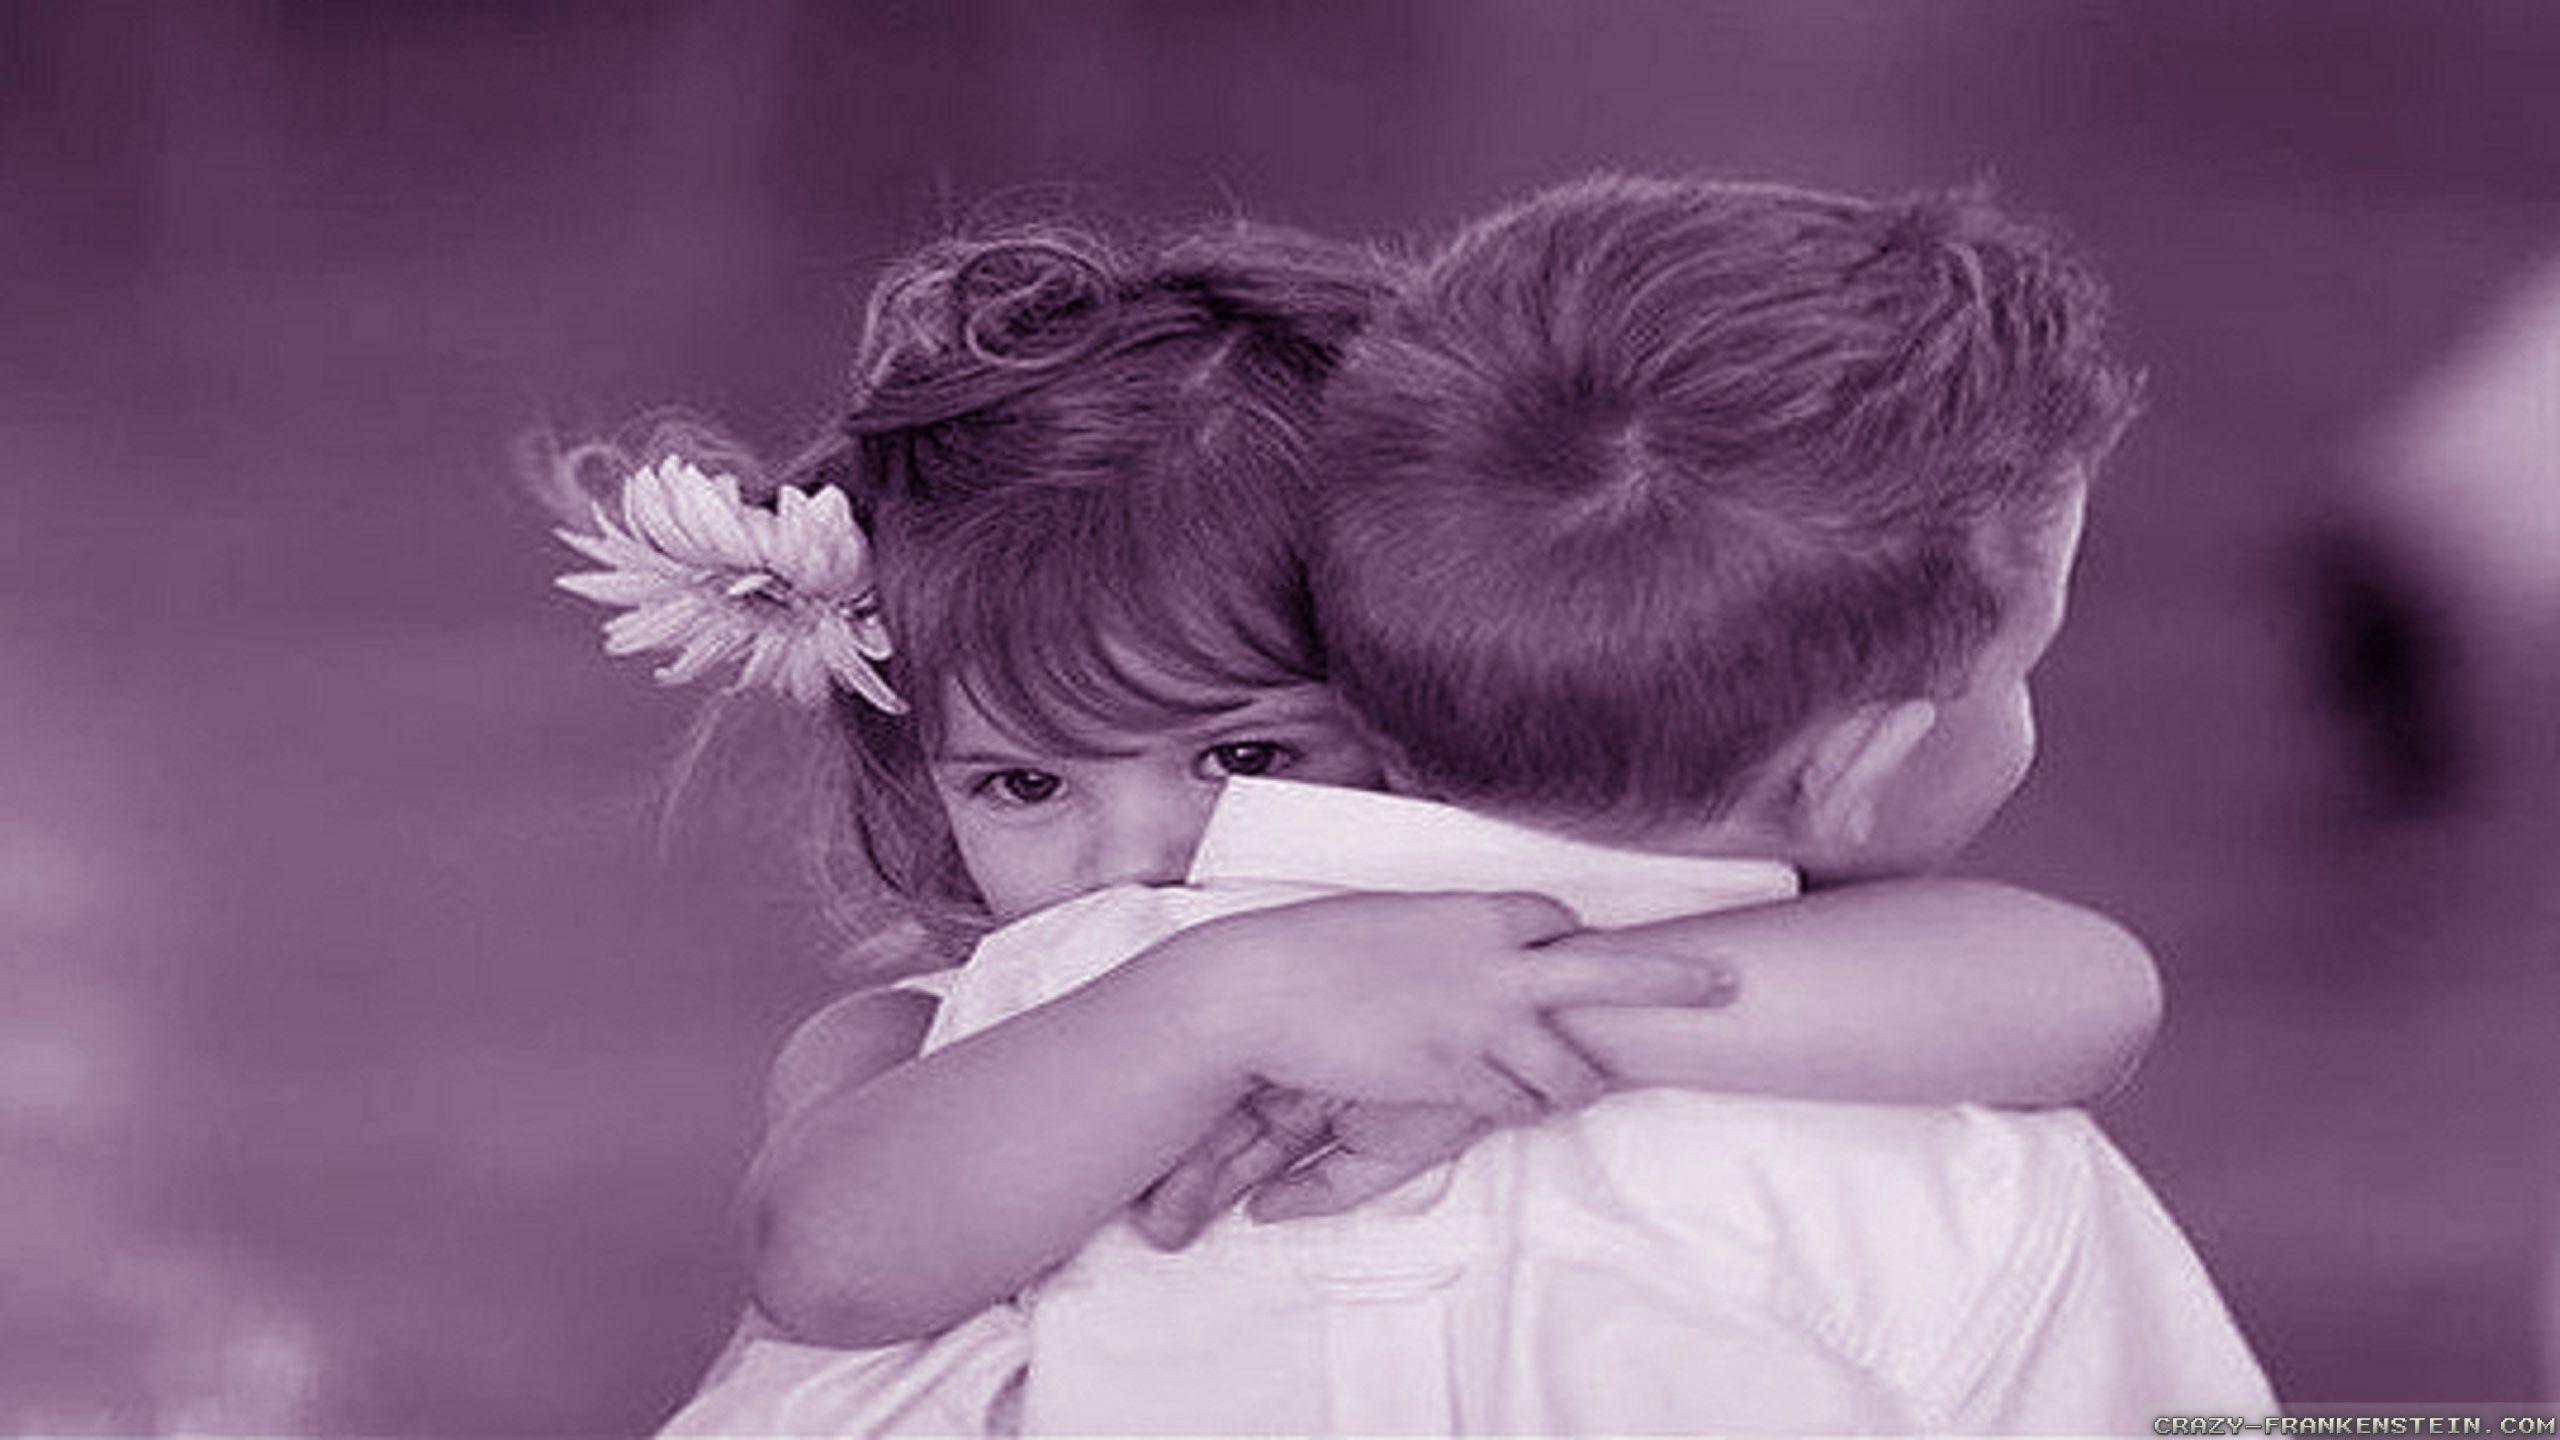 Детская любовь прикольные картинки